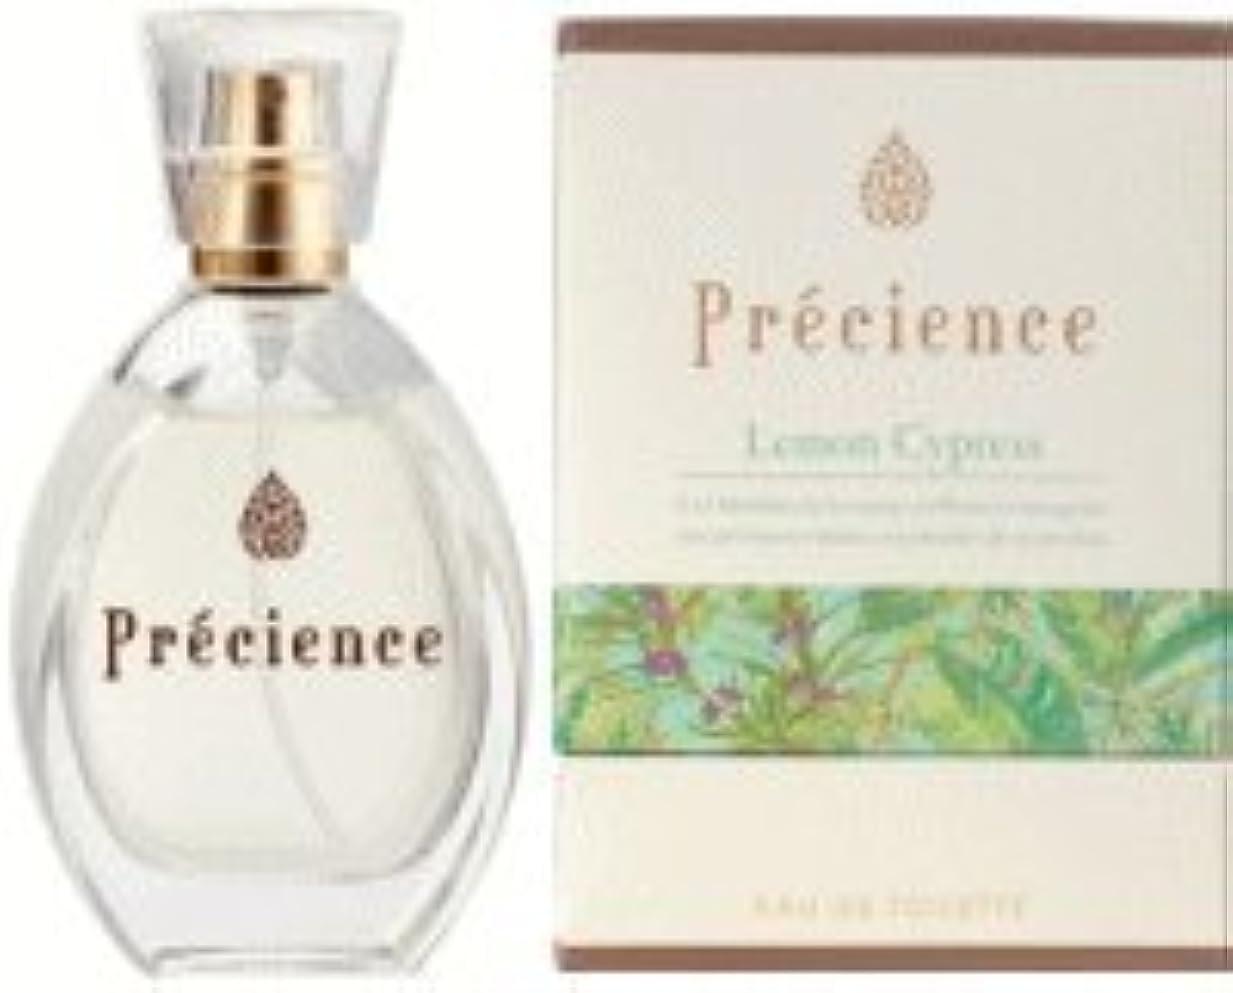 団結大宇宙分解する生活の木 天然の芳香成分で調香された香水。 オードトワレ レモンサイプレス 50ml